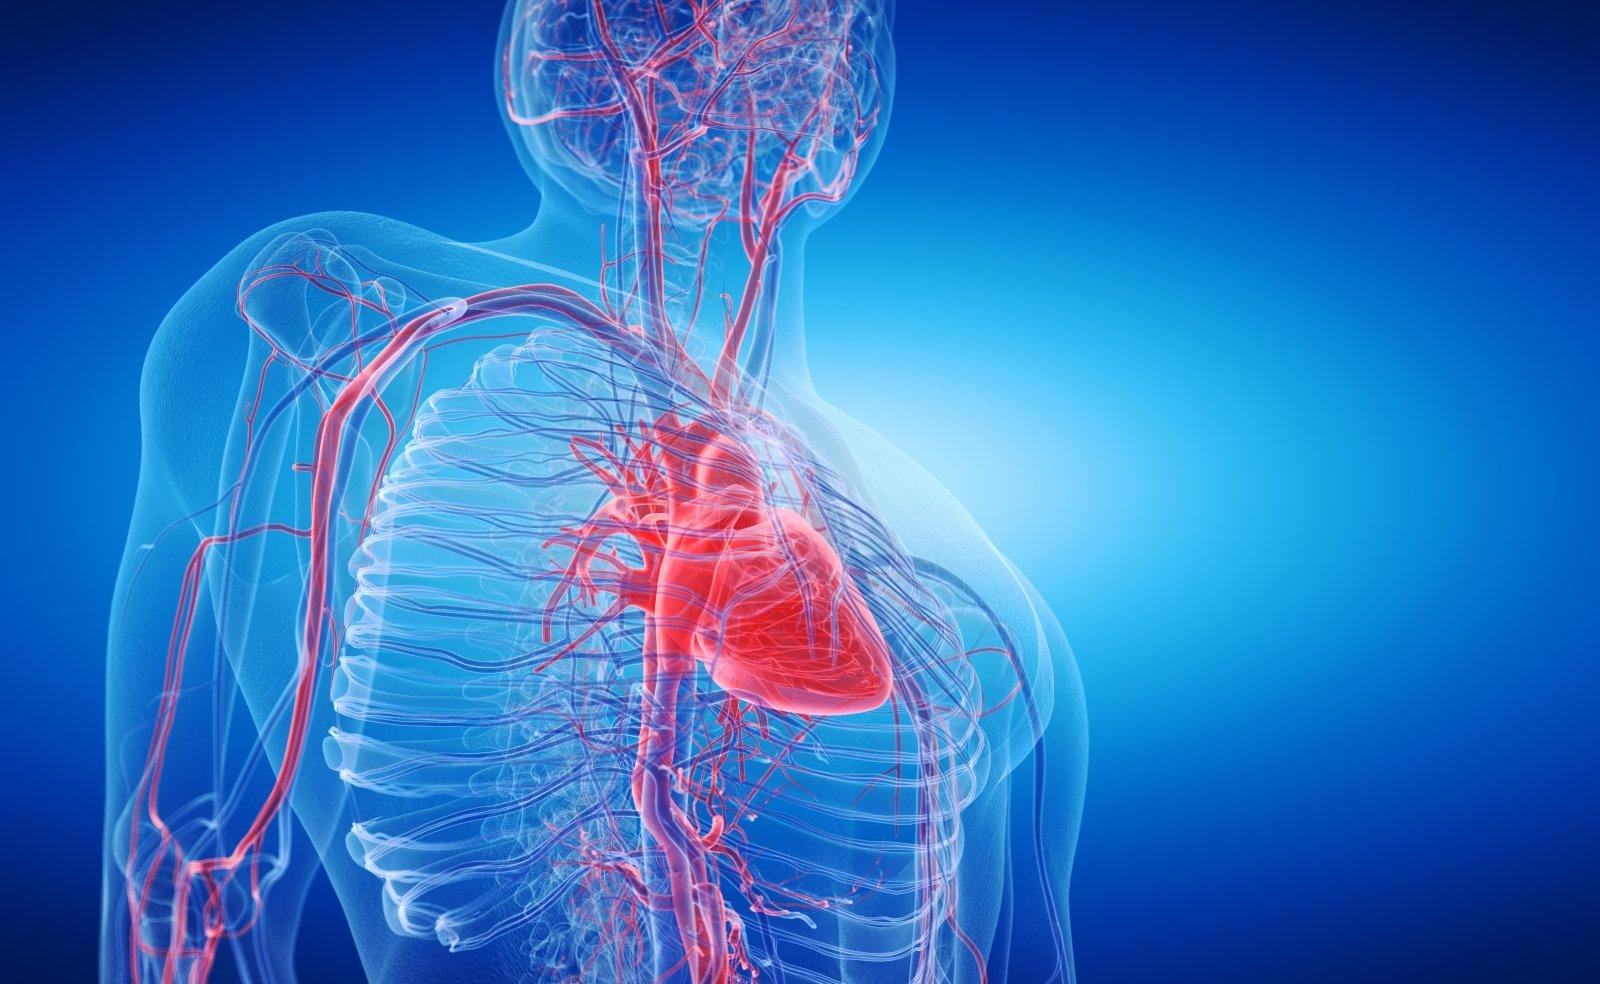 hipertenzija kaip išgelbėti žmogų